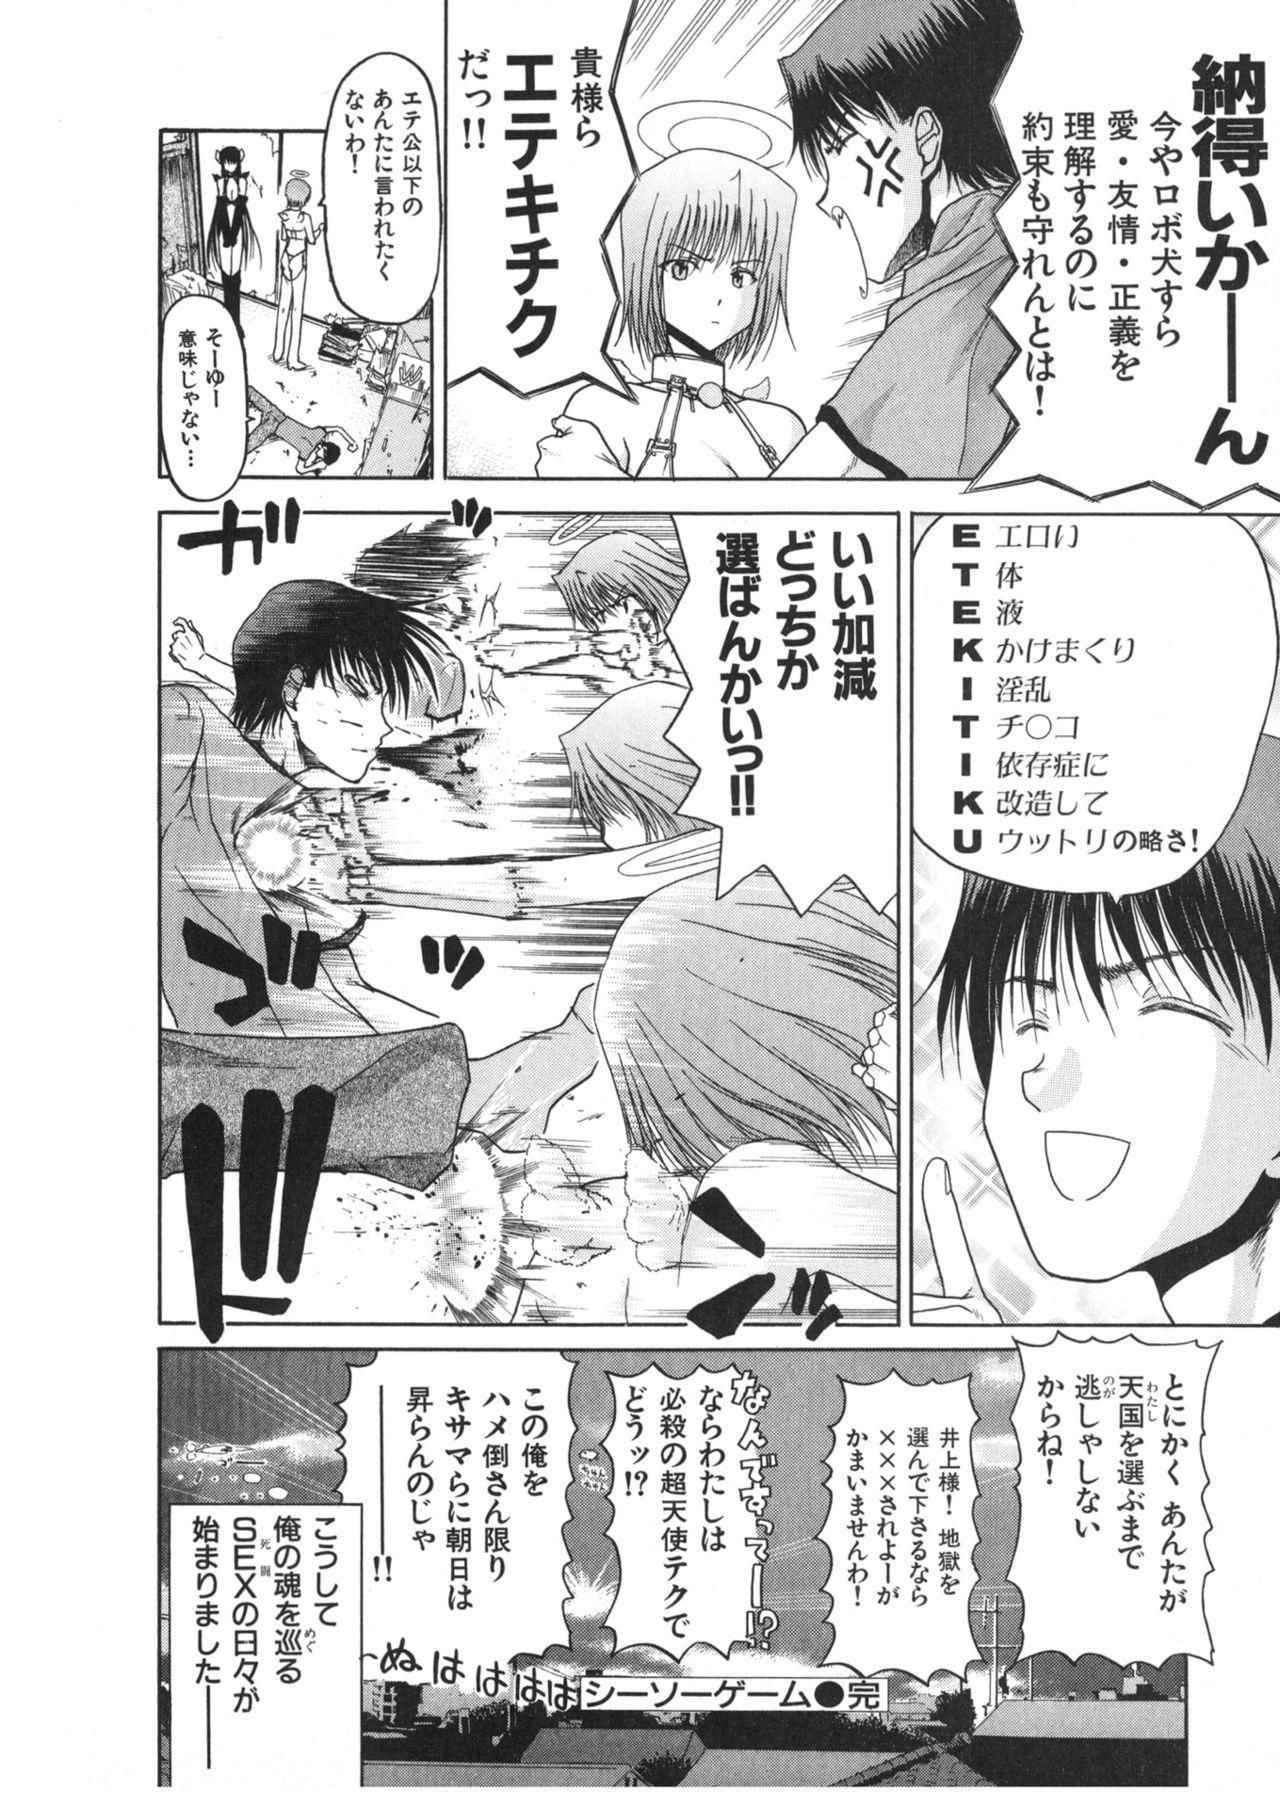 COMIC Kairakuten 25 Shuunen kinen tokubetsugou 110